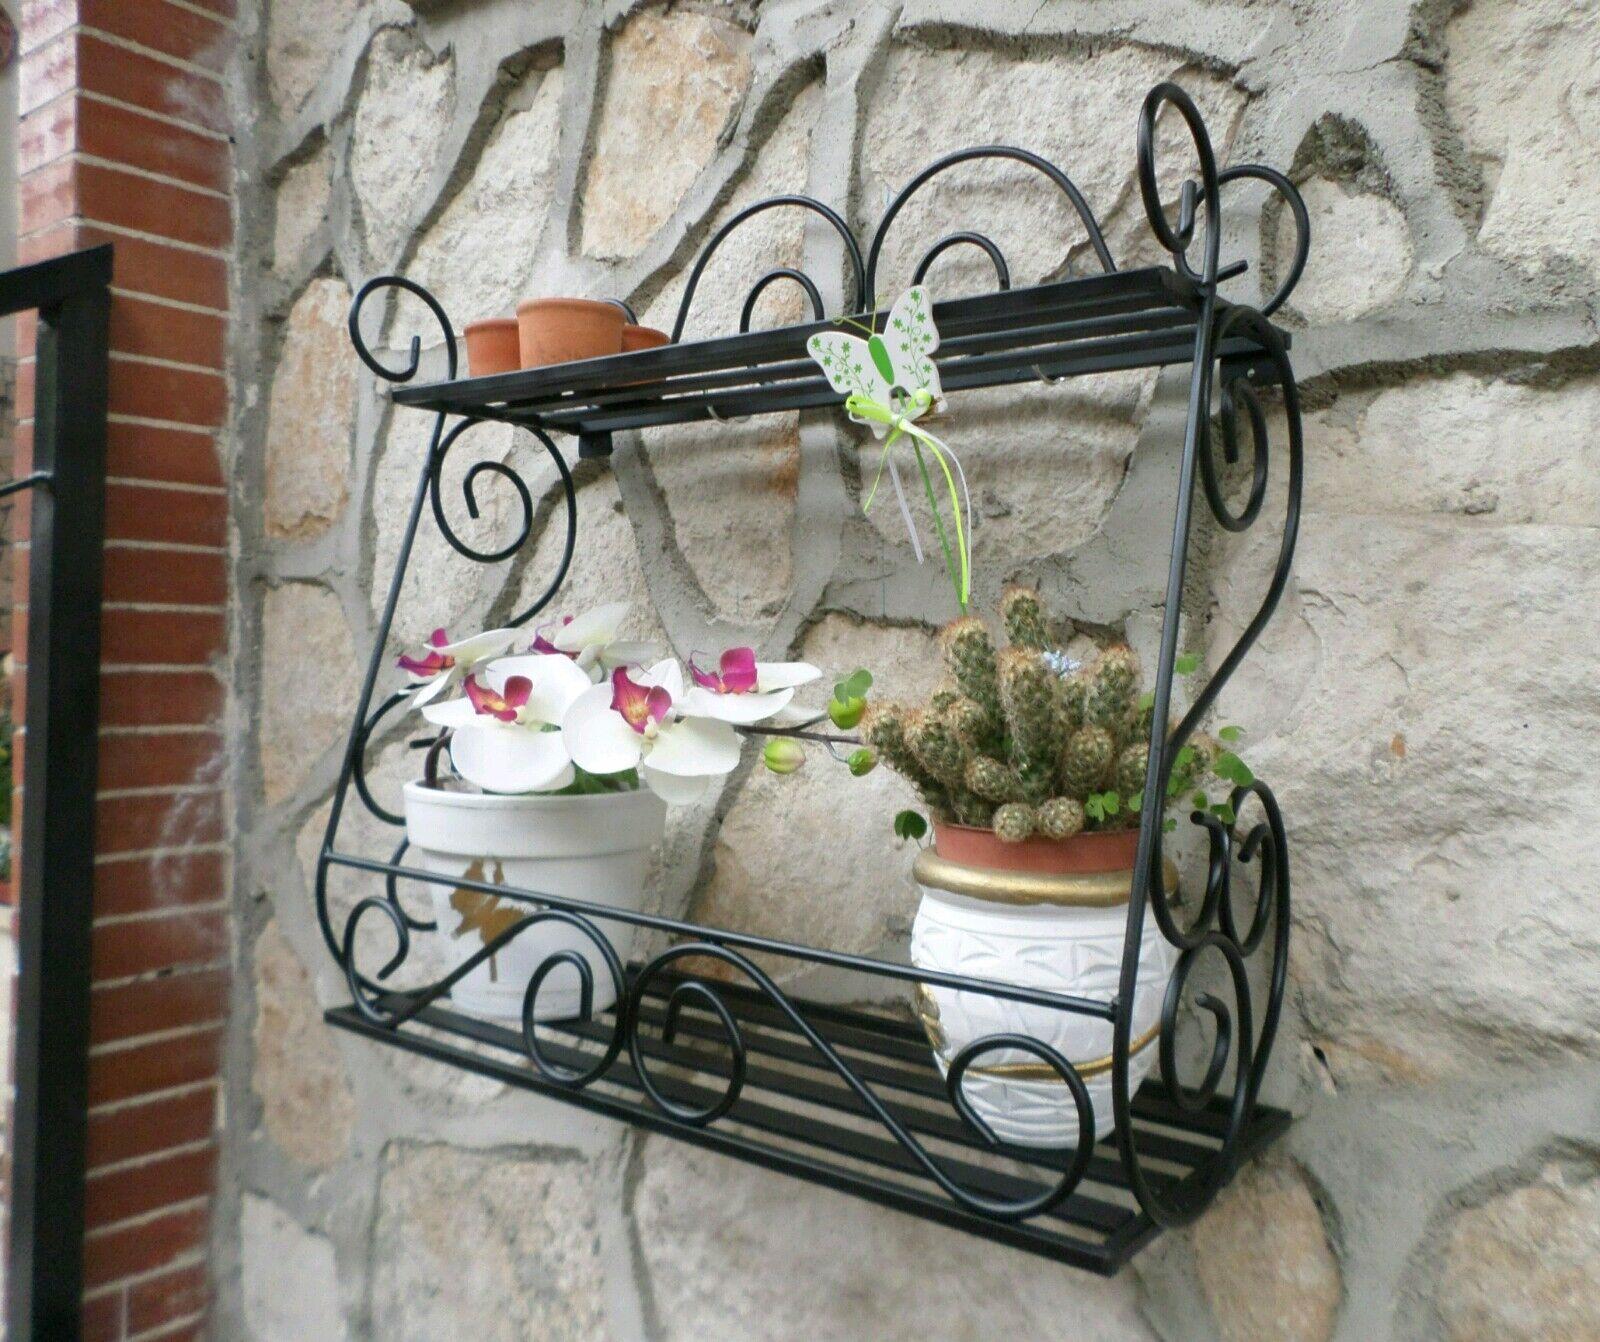 autentico online Mensola in ferro battuto fioriera fioriera fioriera portavaso portaspezie cucina giardino nera  prezzo più economico